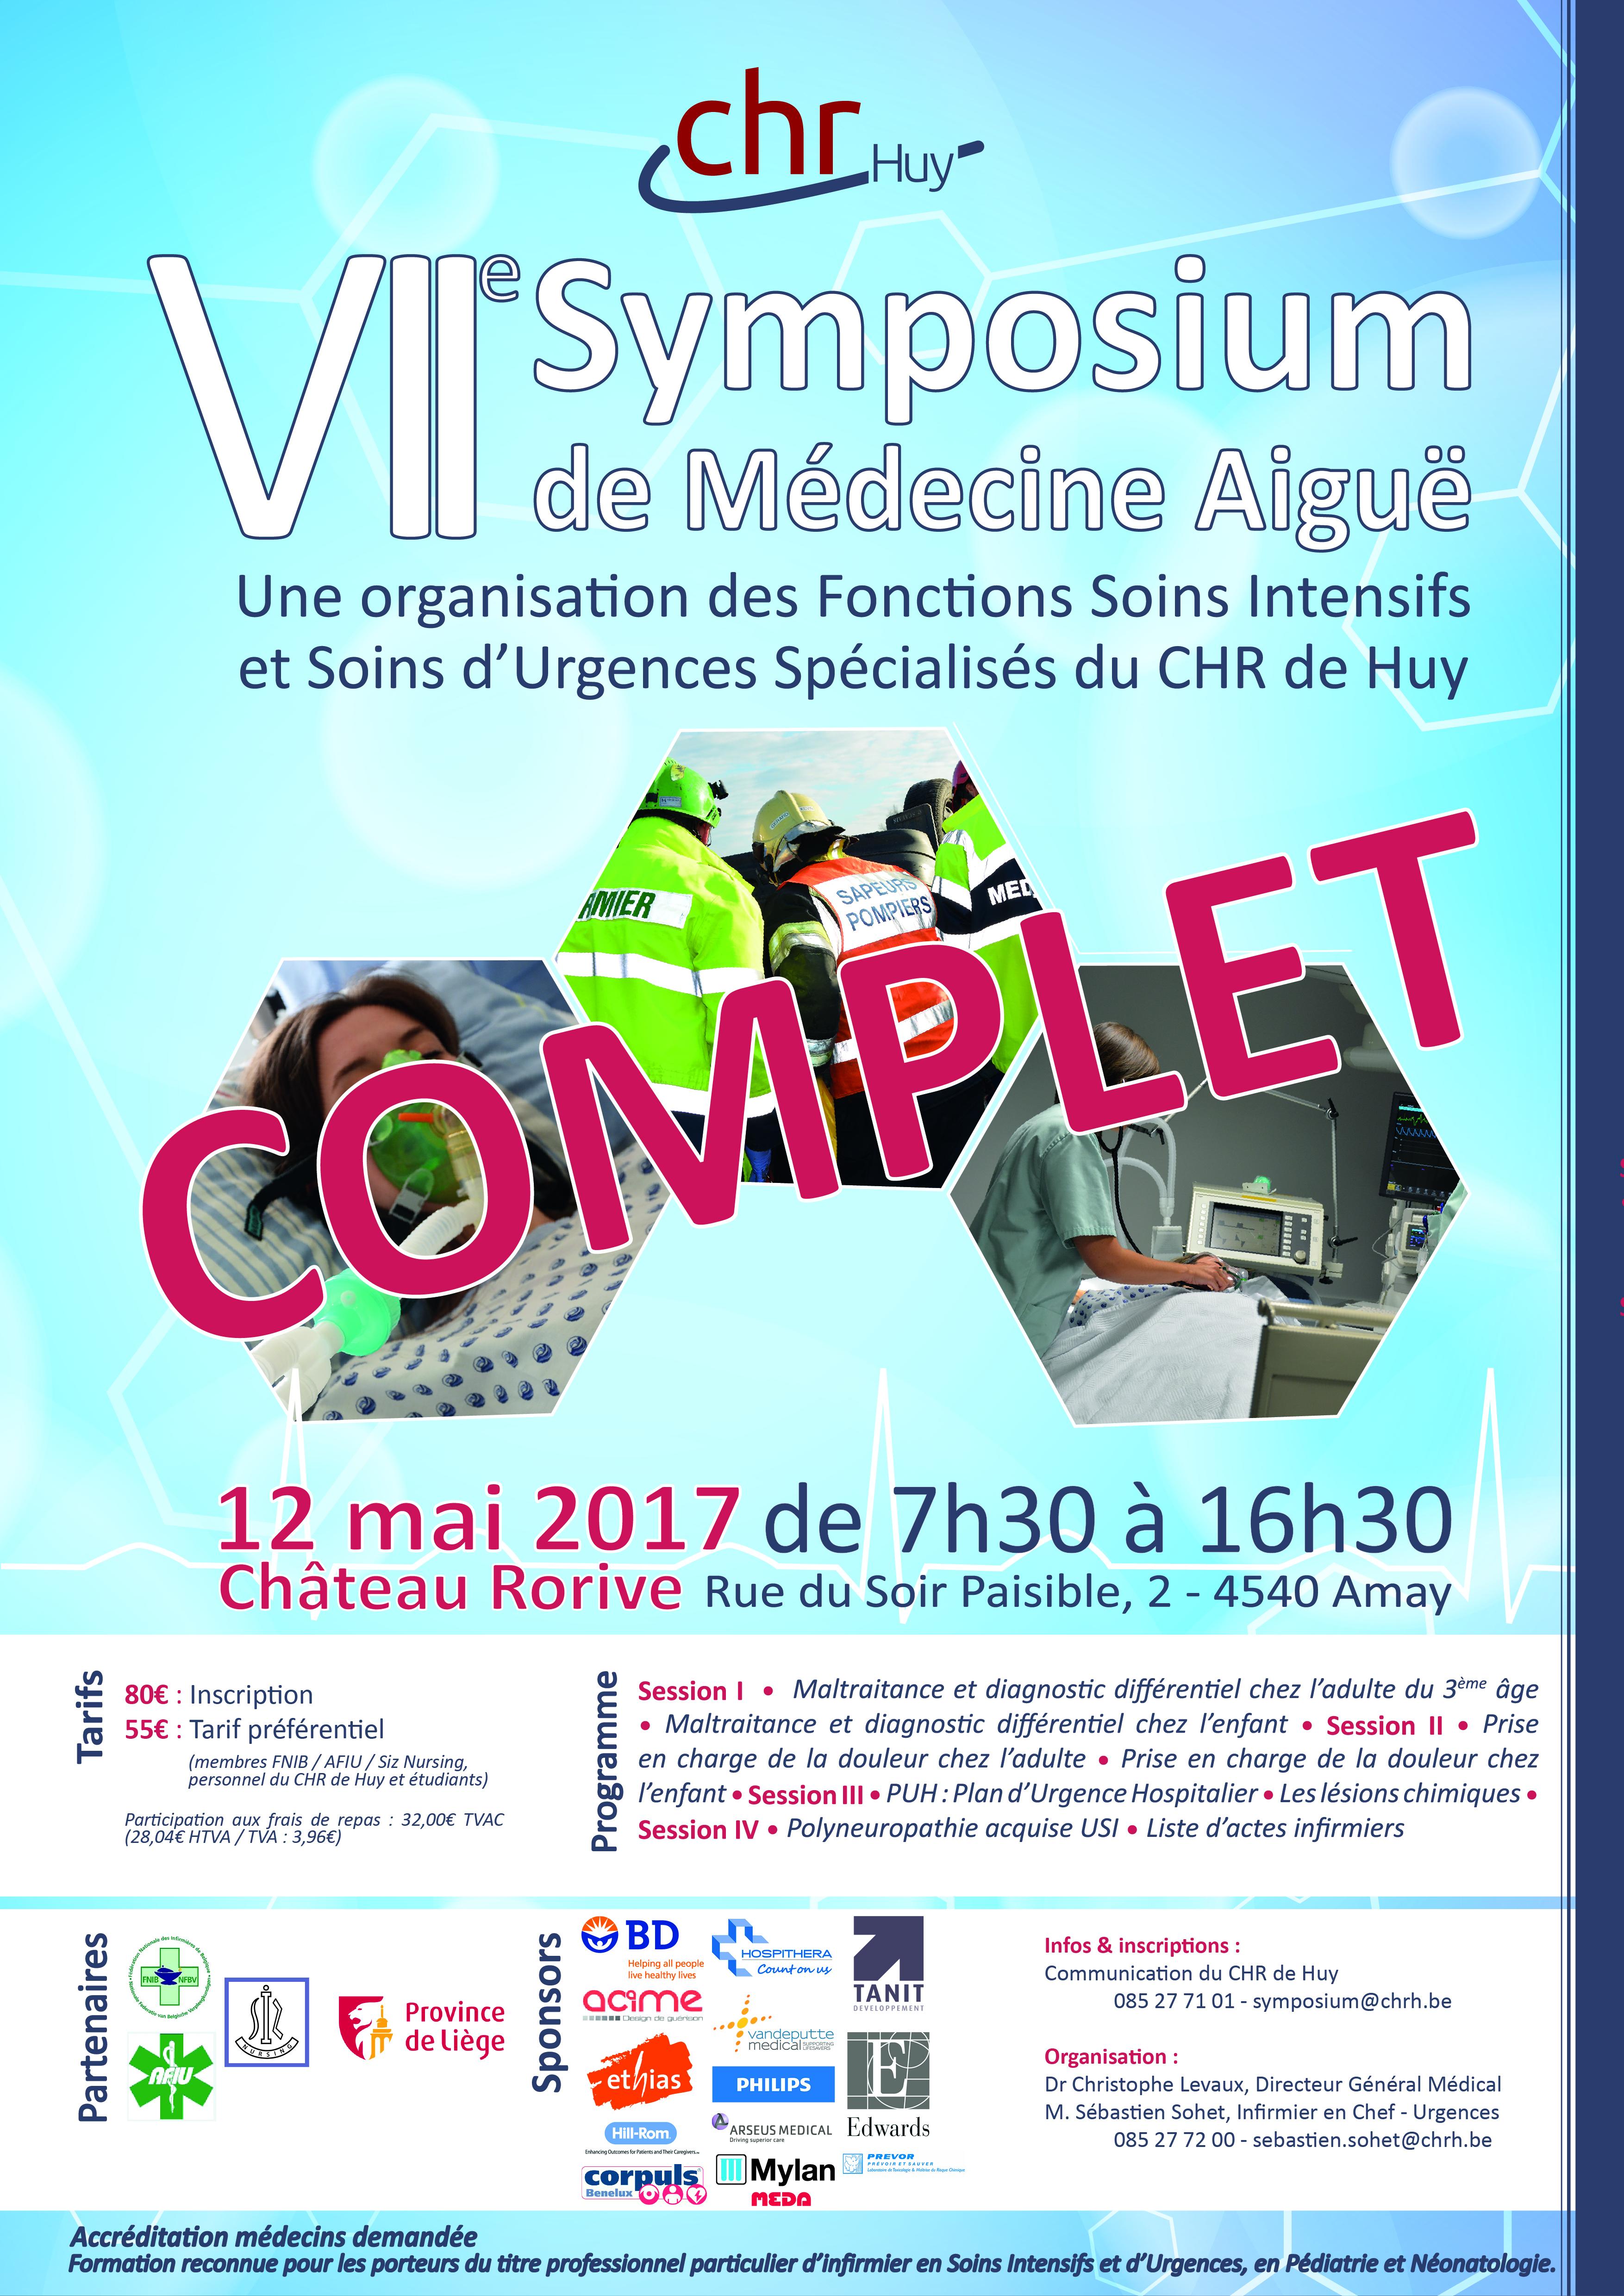 affiche-symposium-de-medecine-aigue-complet